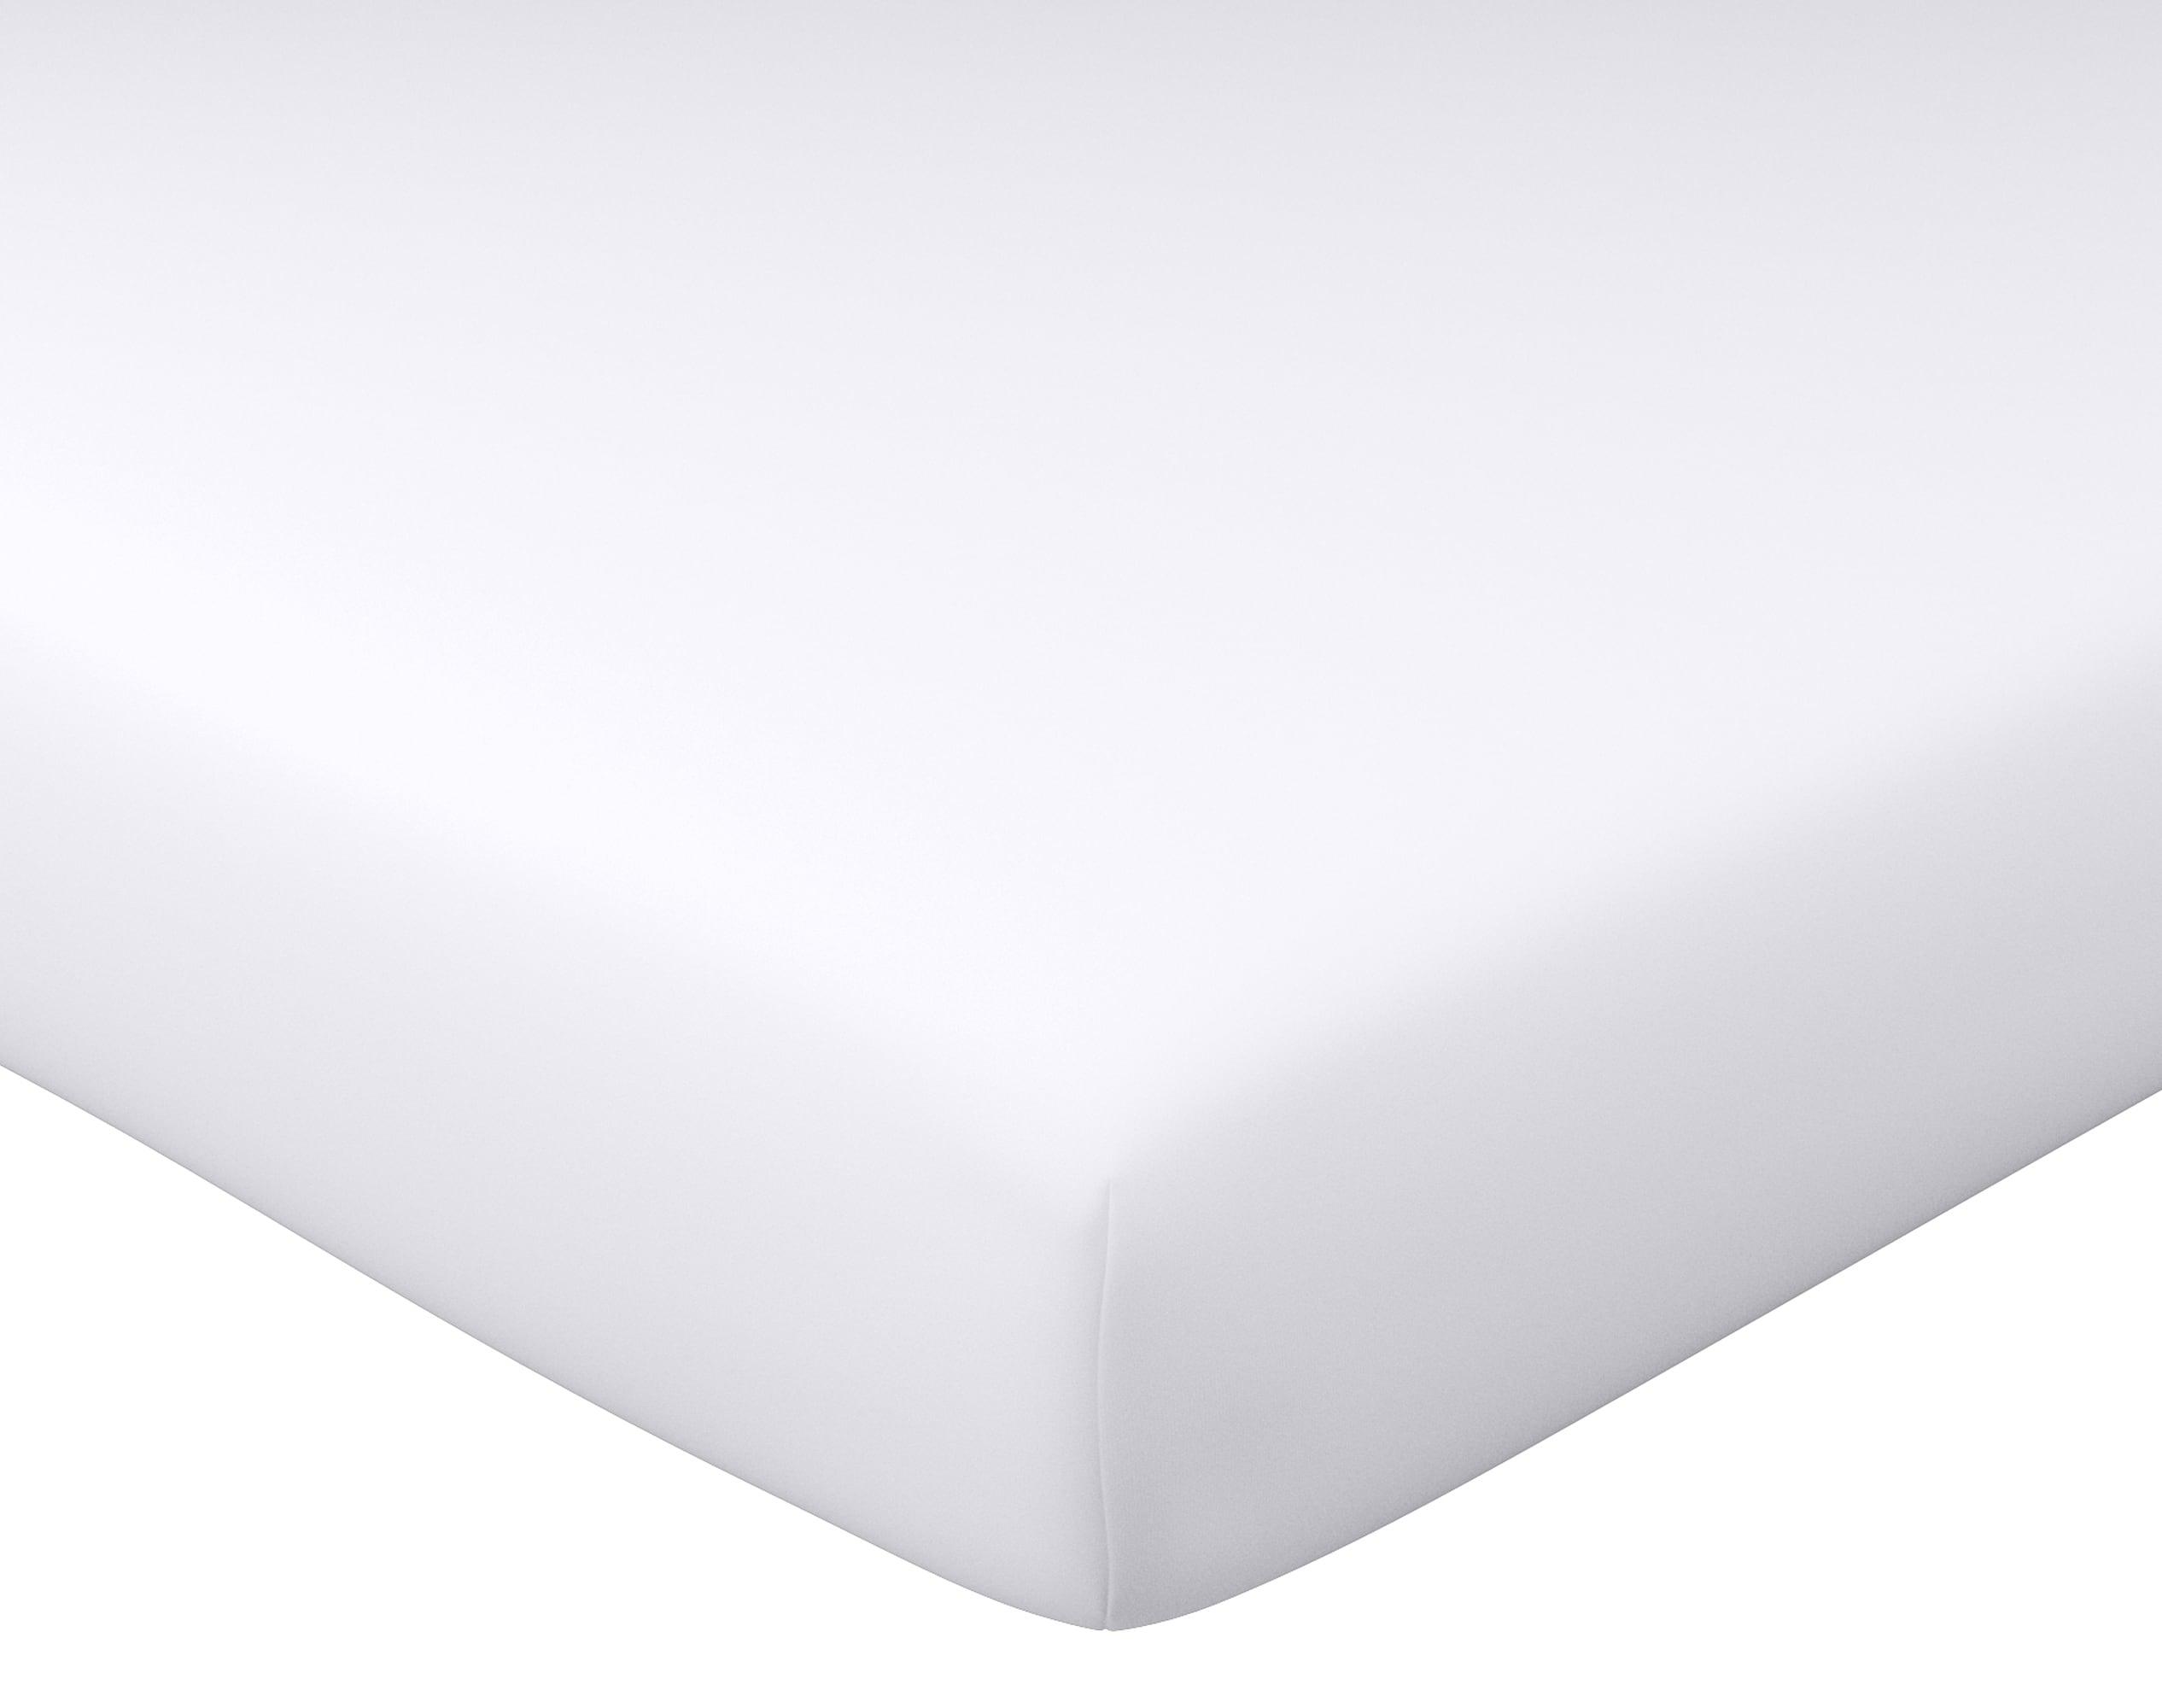 Drap-housse 120x190 en coton blanc